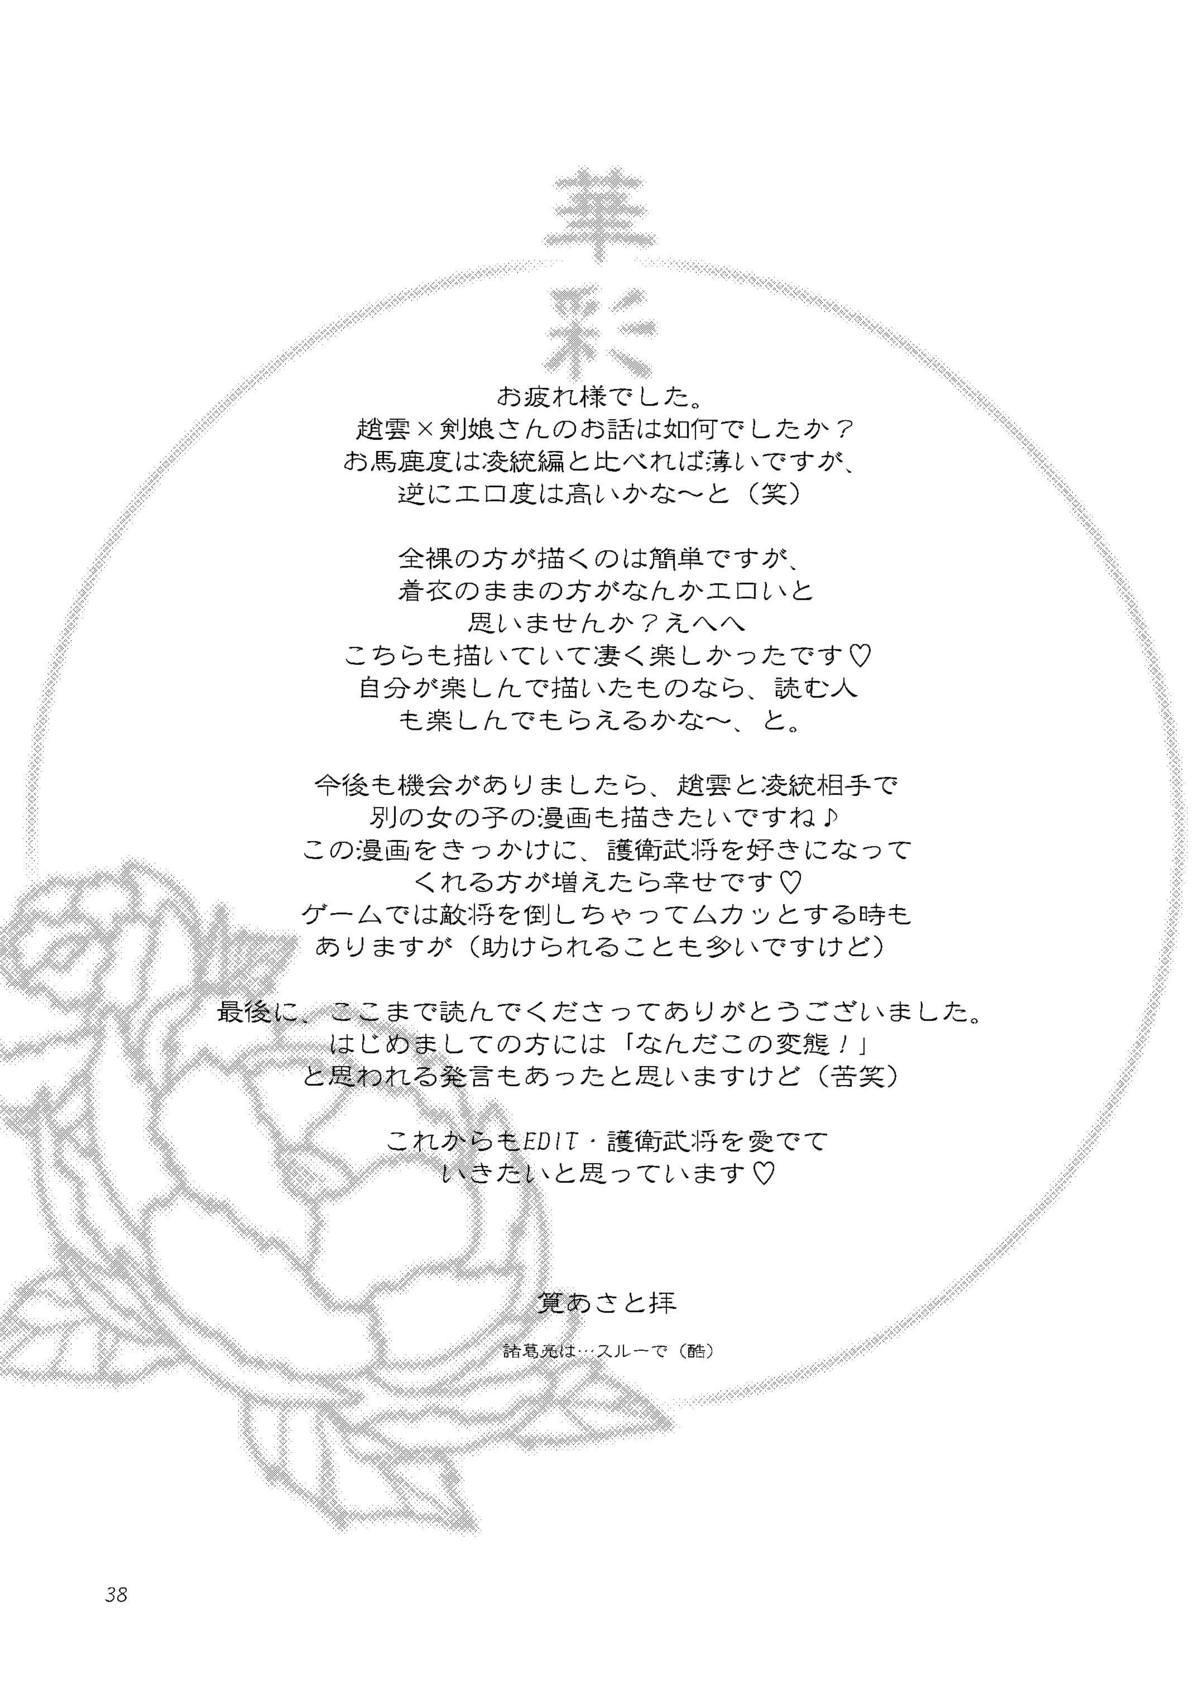 Kasai 37